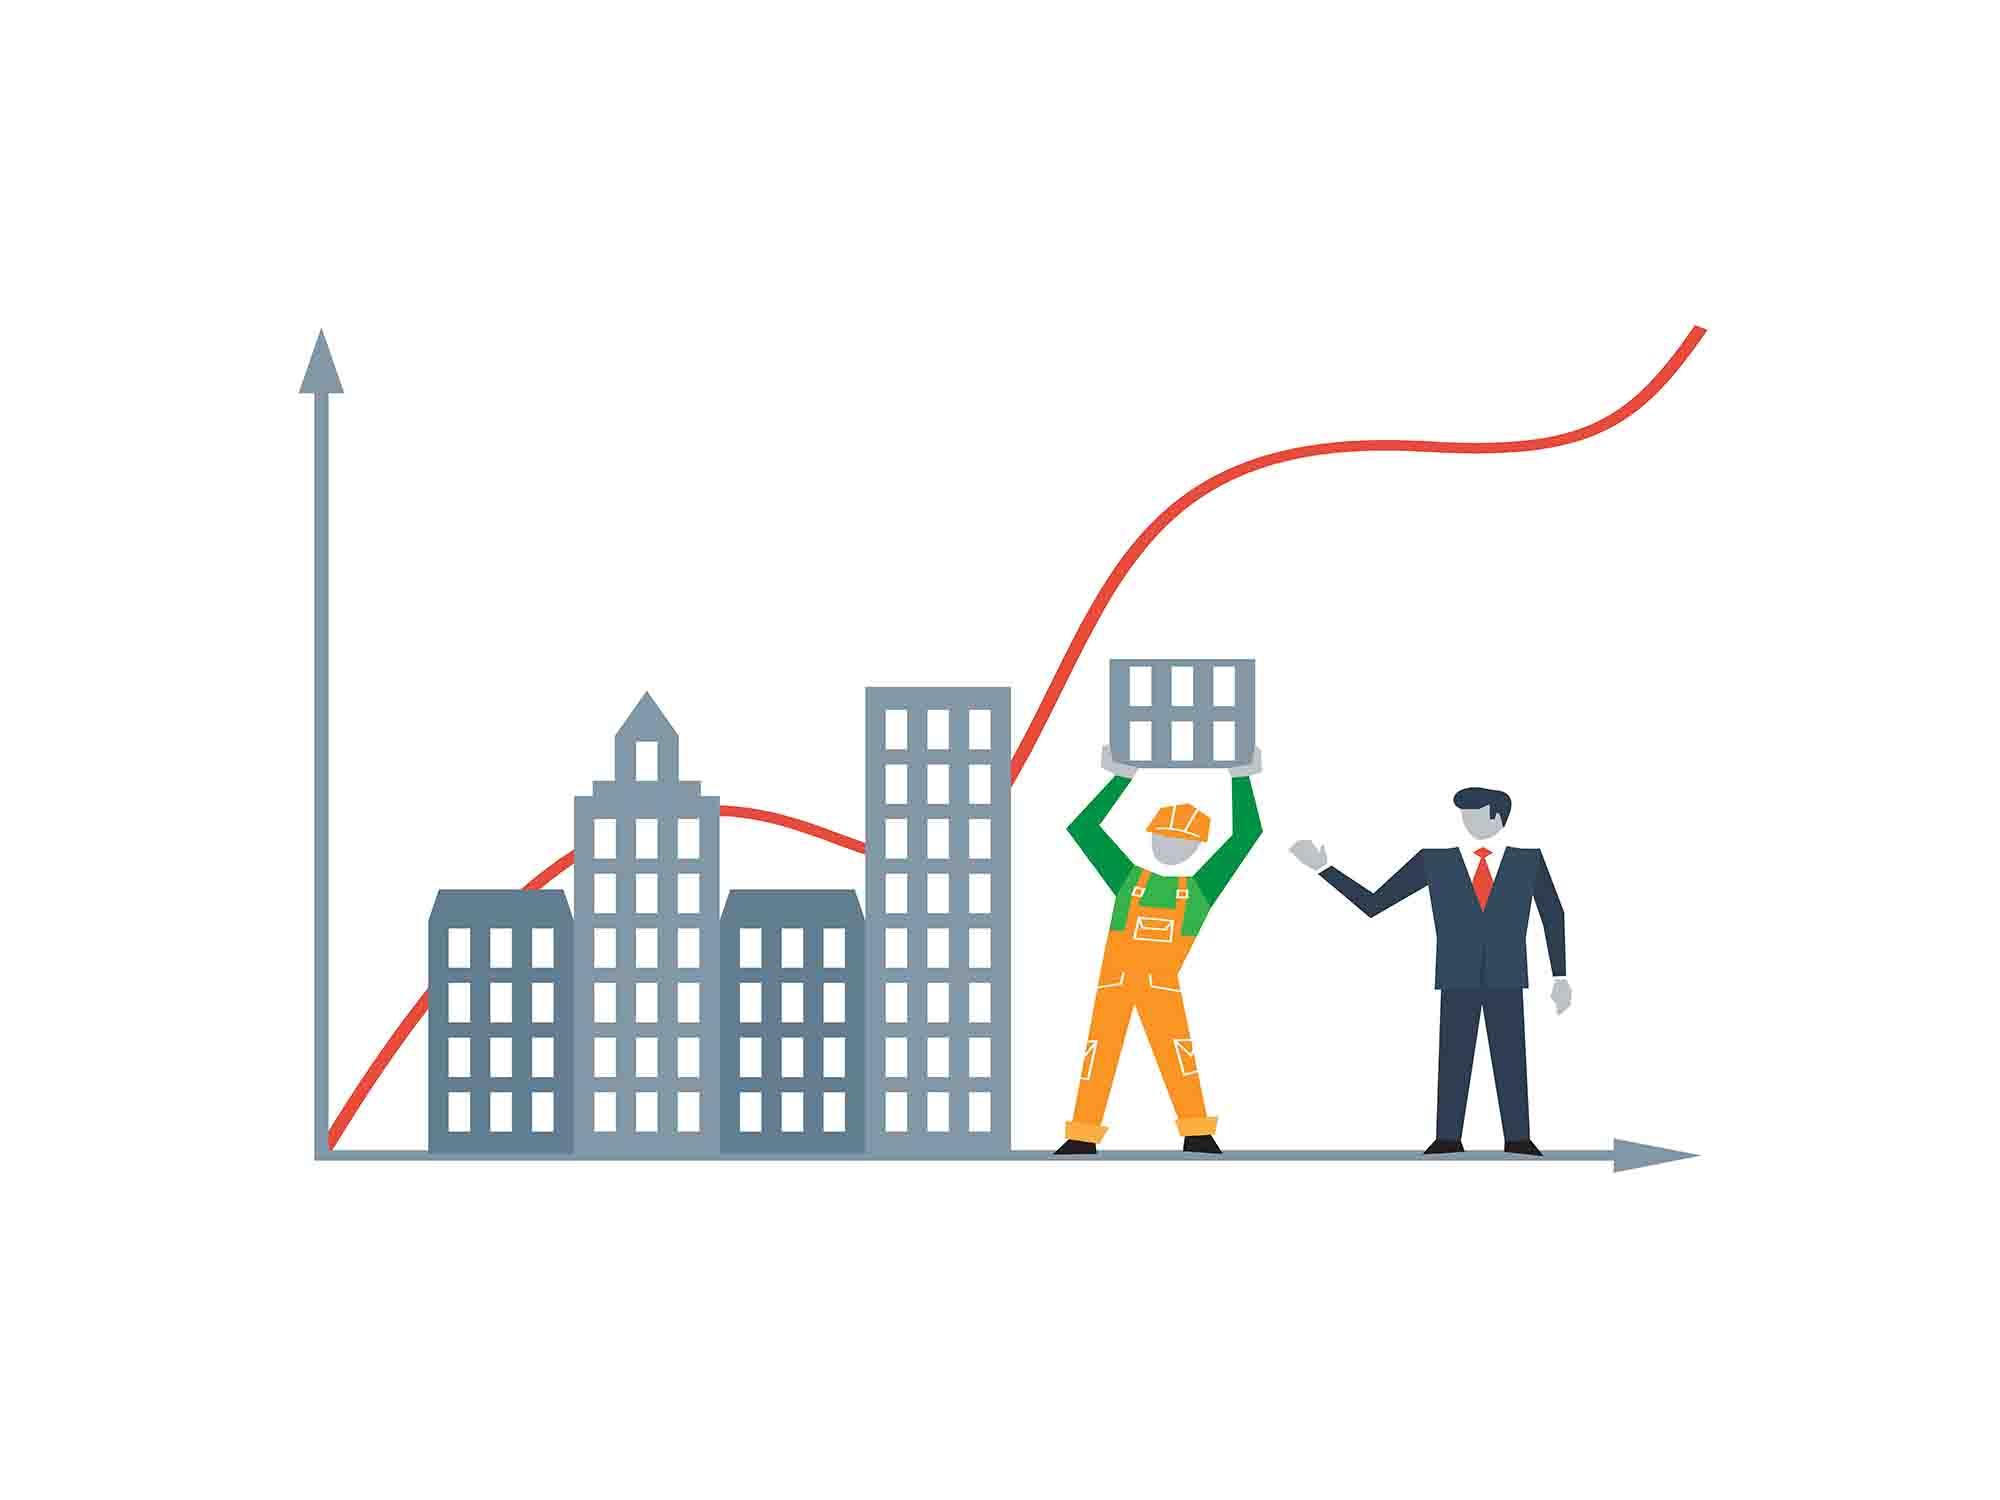 איש עסקים ודמות של בנאי עם רקע של בניינים